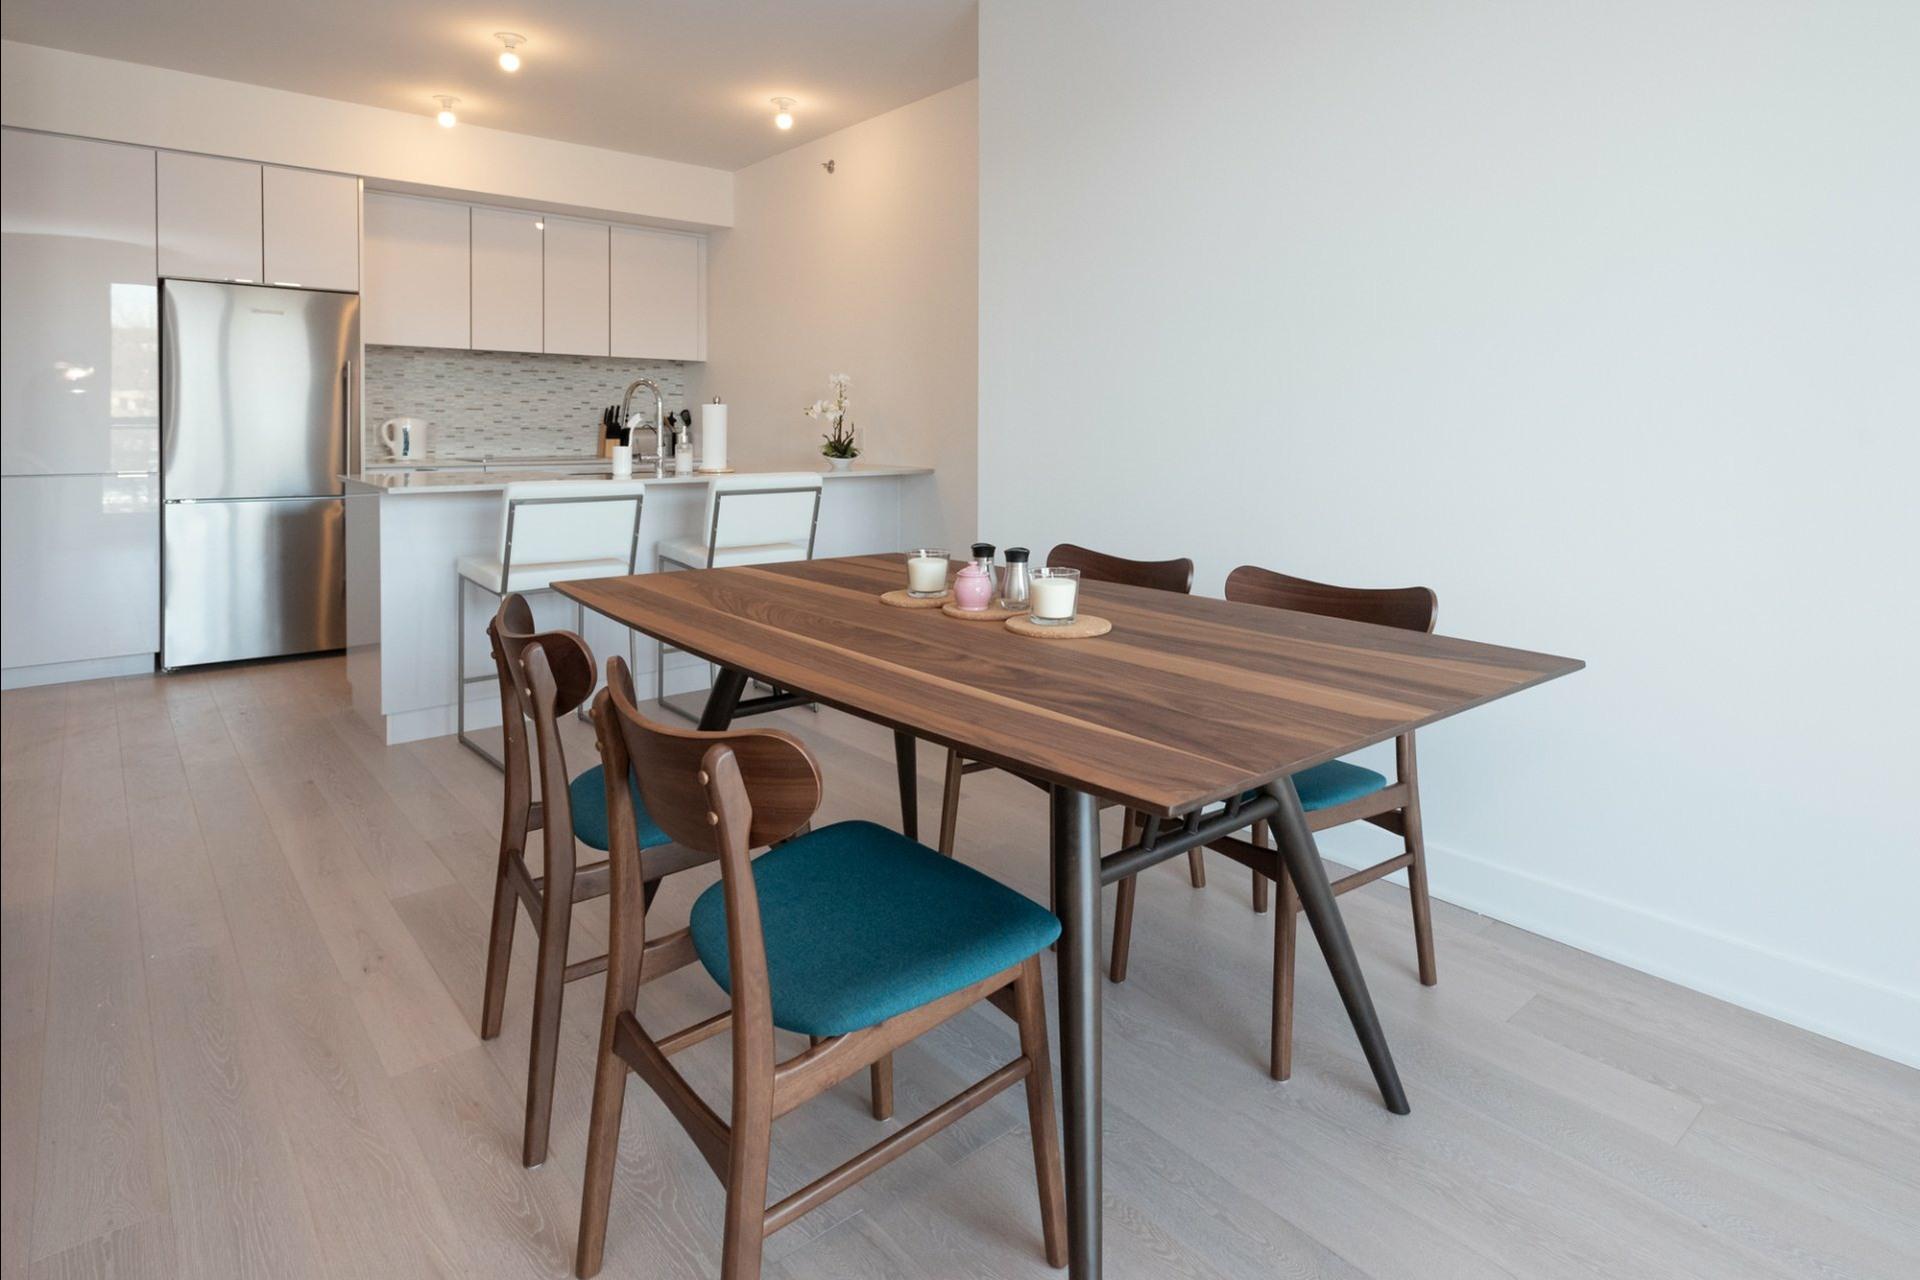 image 8 - Appartement À louer Côte-des-Neiges/Notre-Dame-de-Grâce Montréal  - 5 pièces